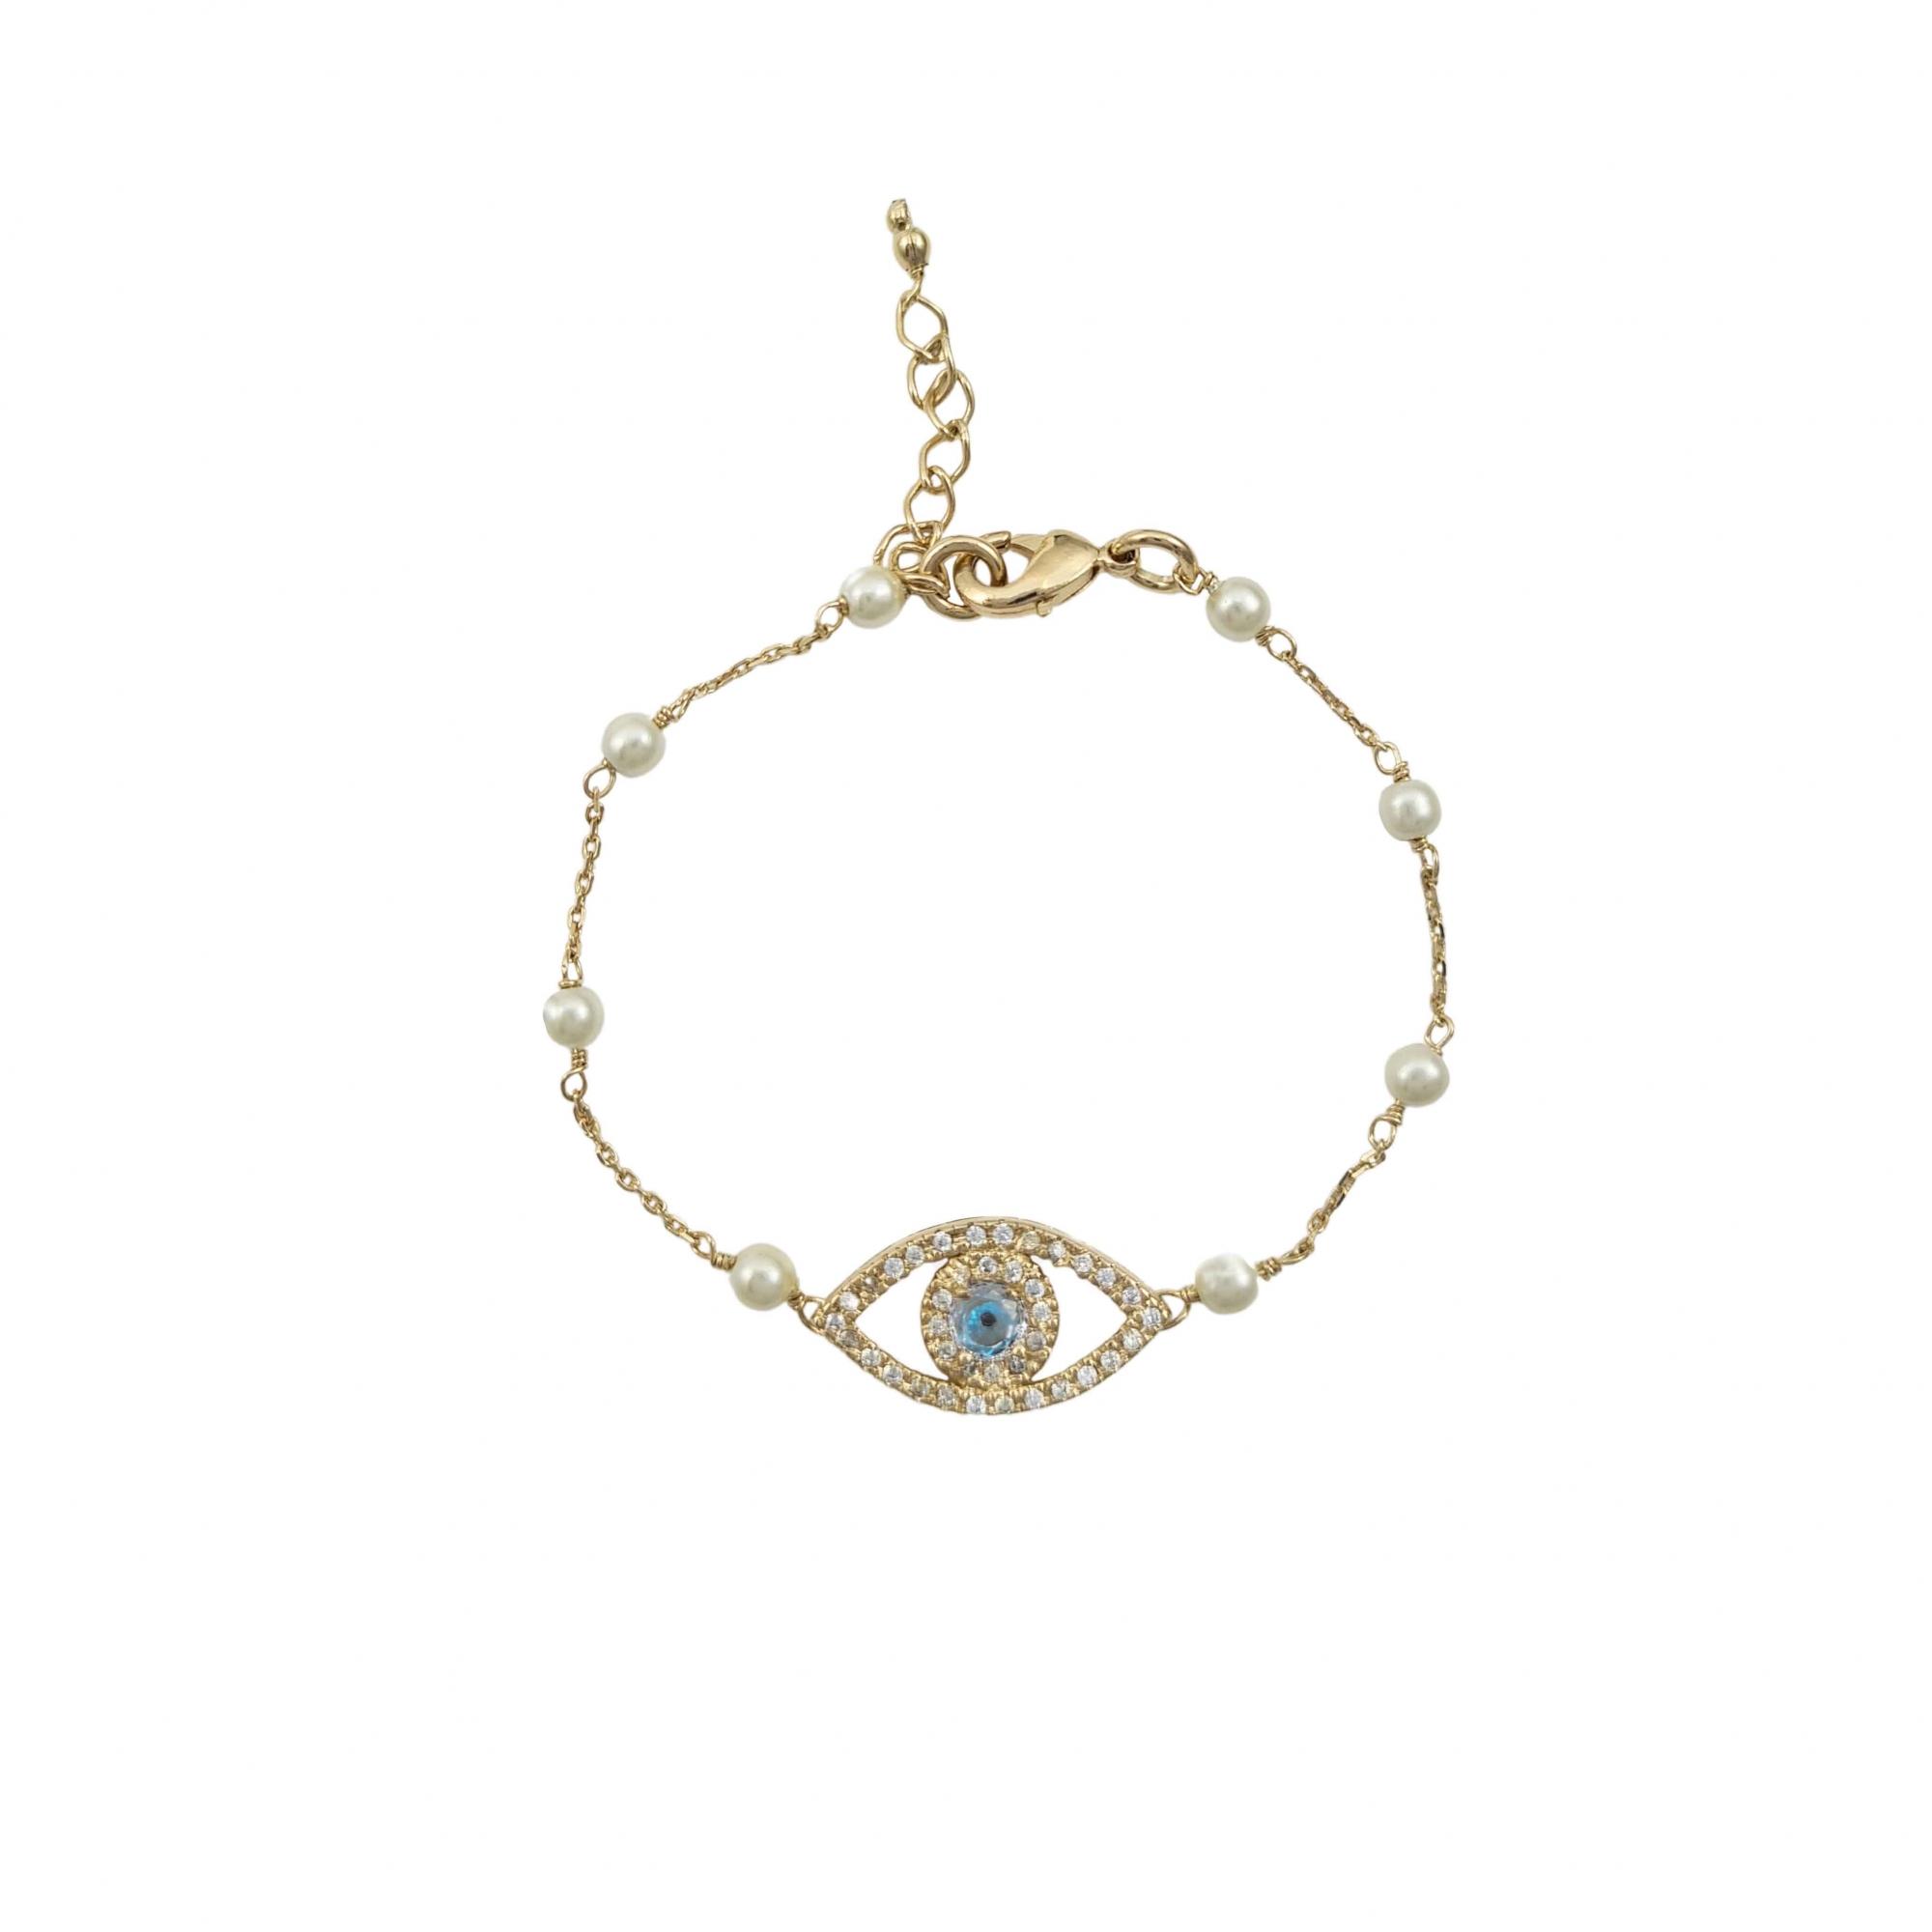 Pulseira olho grego com pérola banhado a ouro 18k